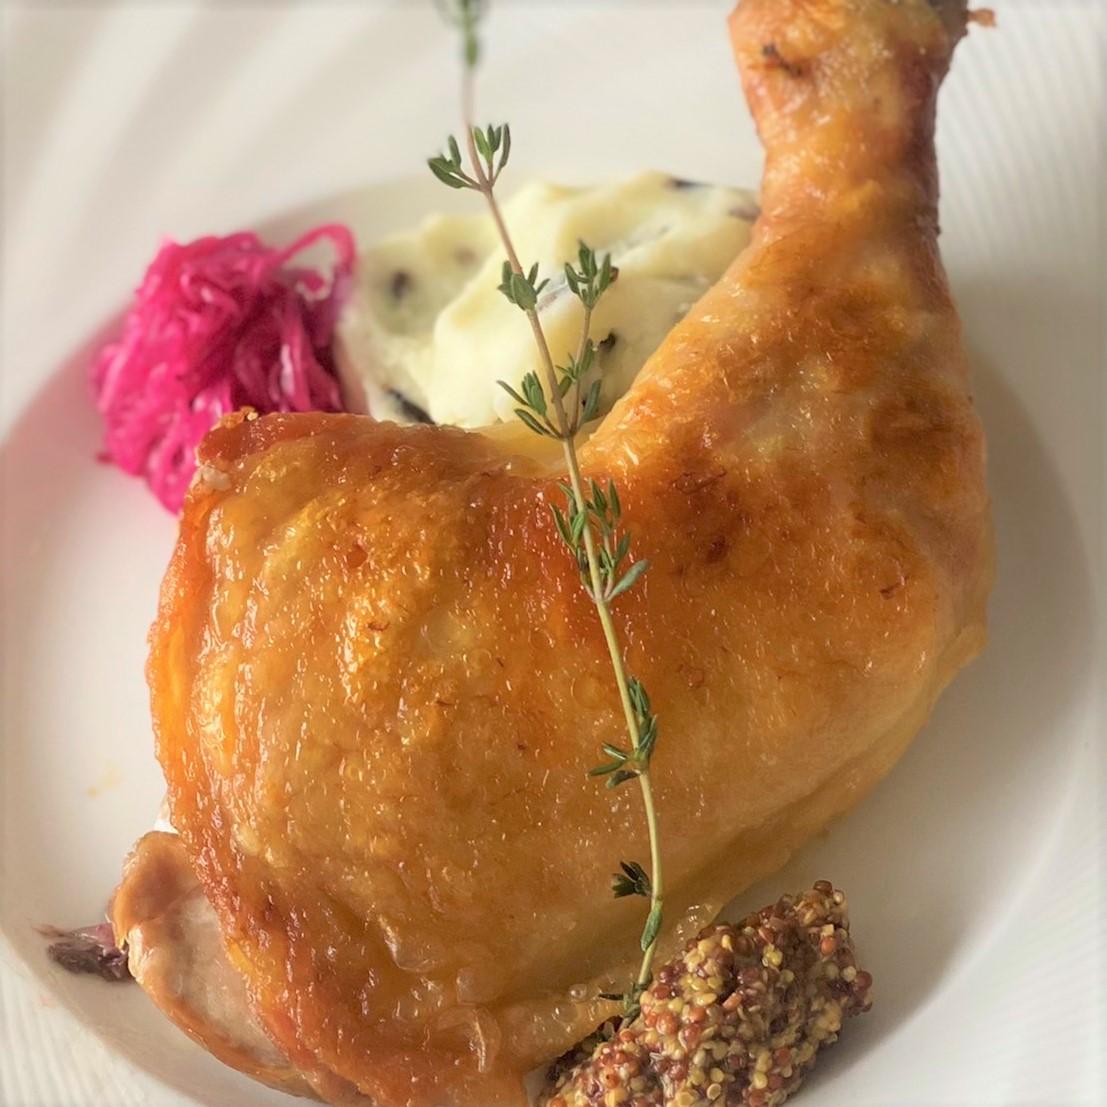 鶏モモ肉のコンフィー<br>ワイルドライス入りマッシュポテト添え